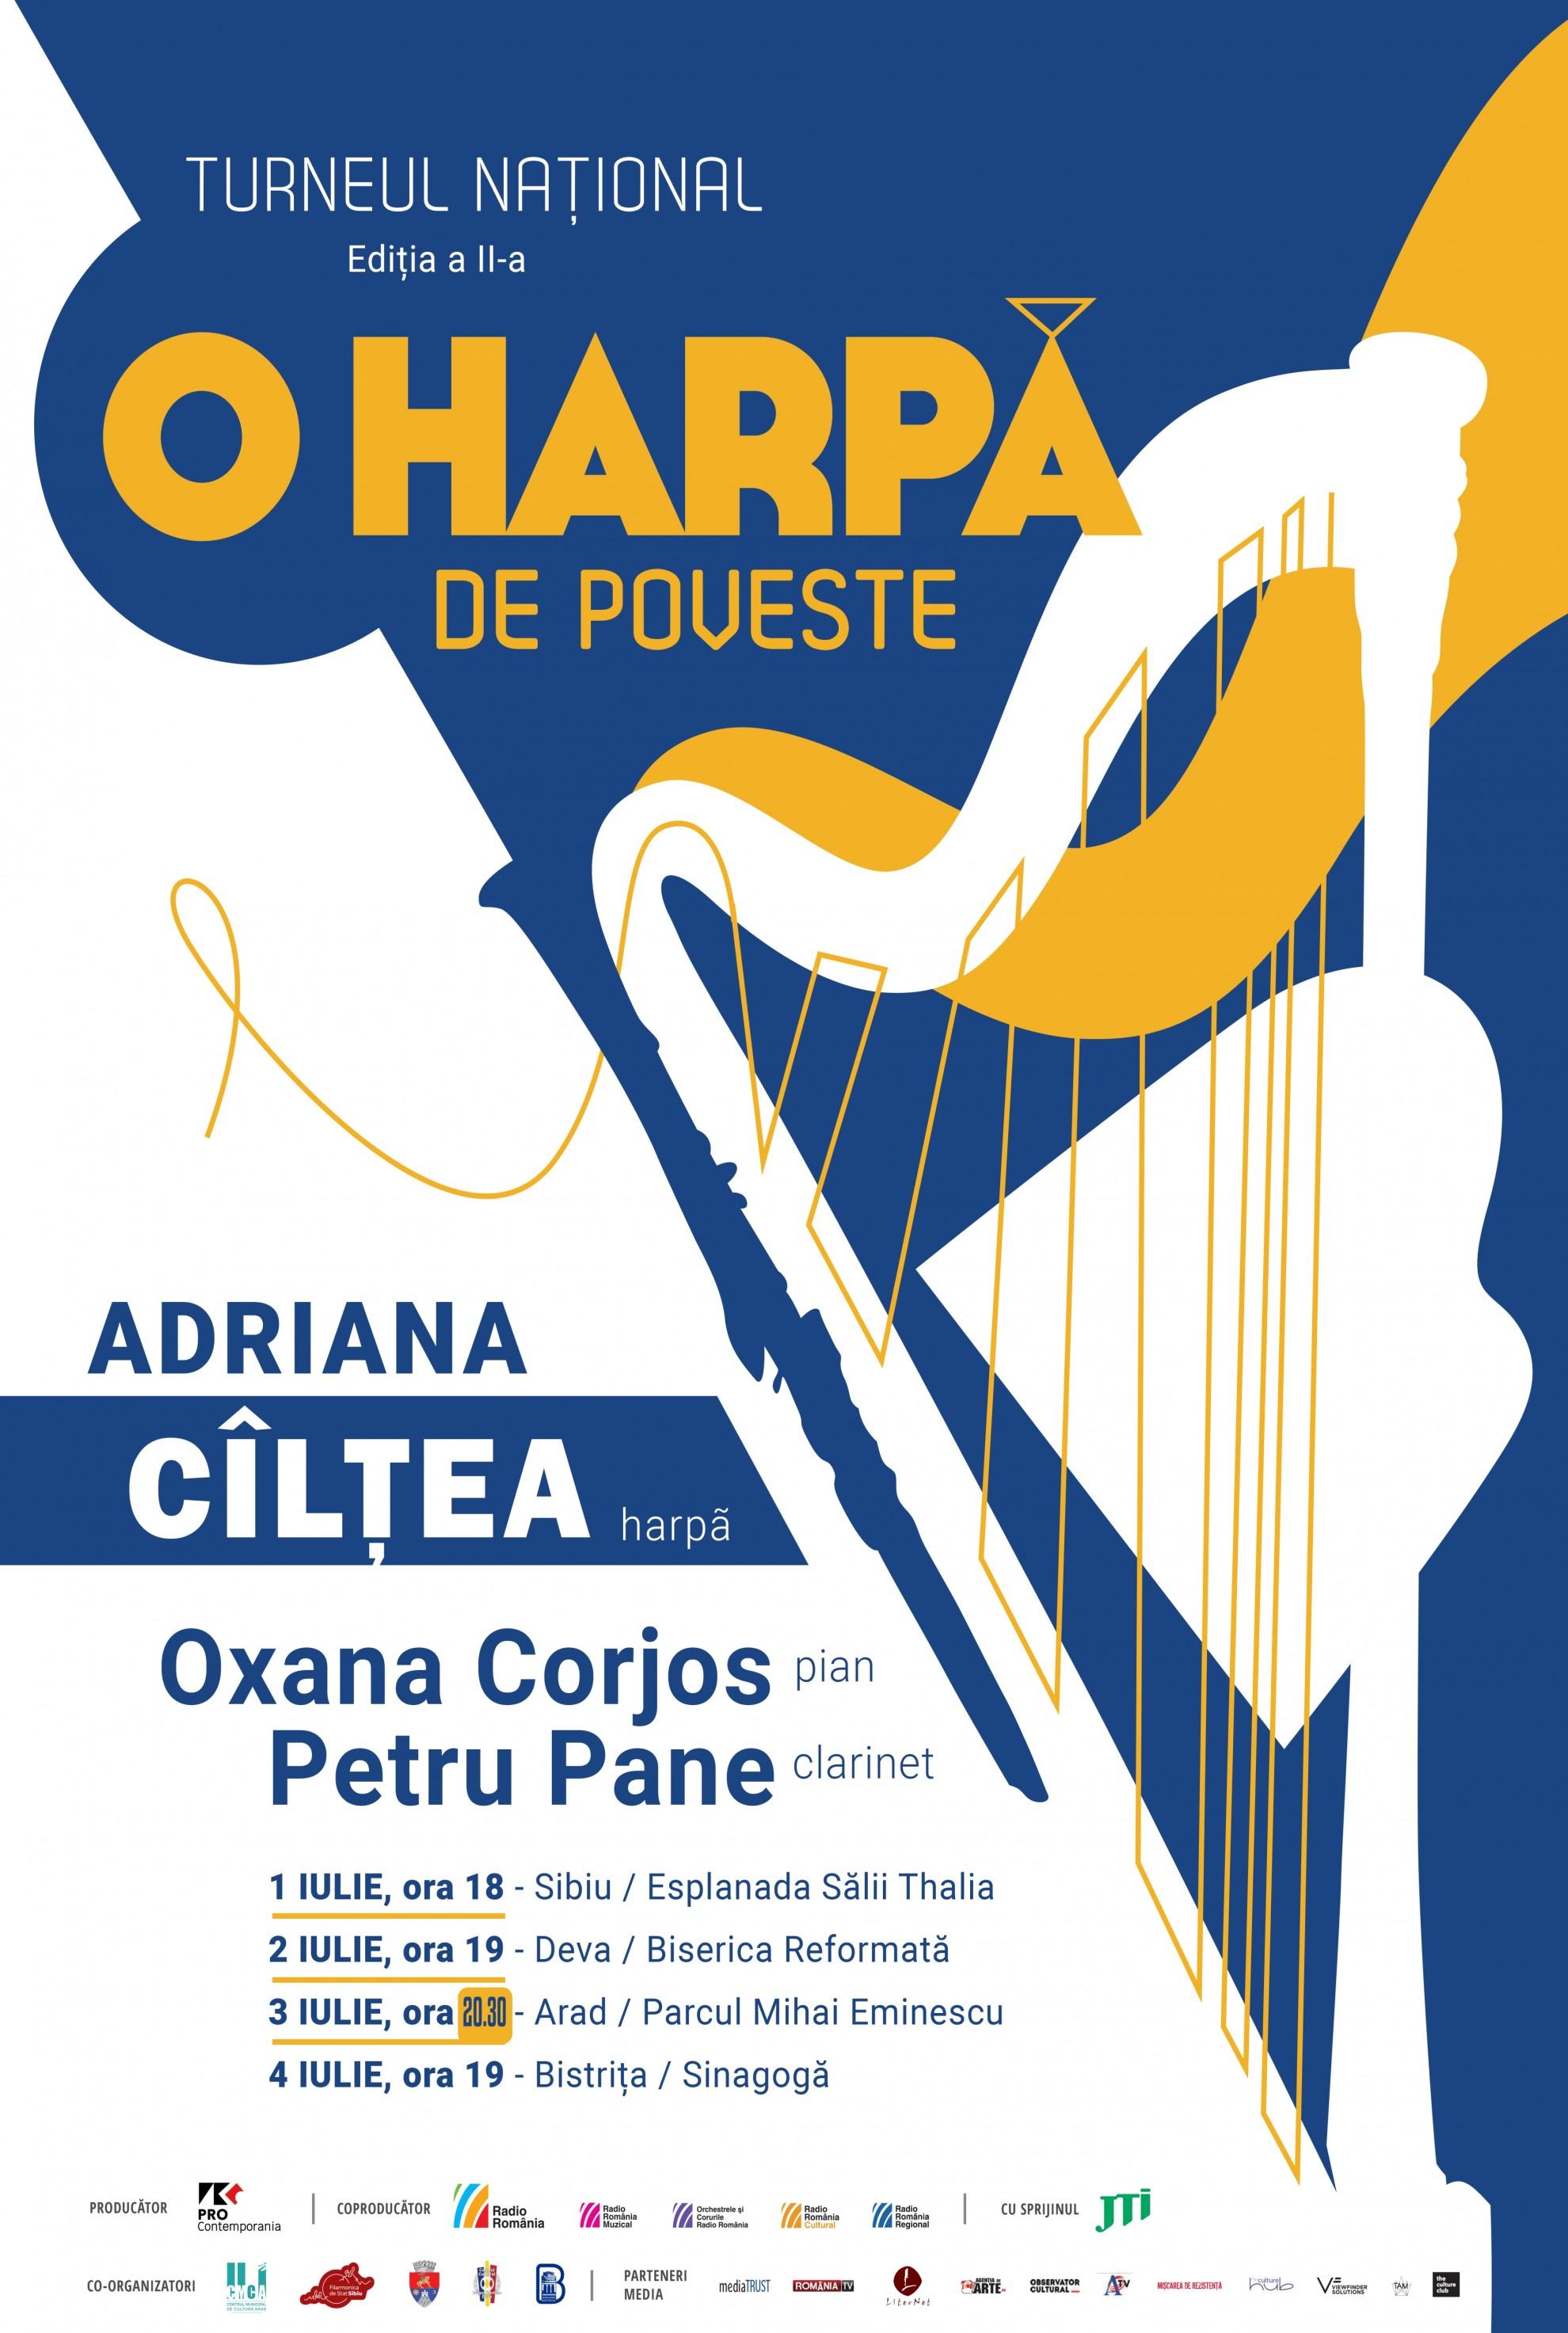 """Turneul național """"O harpă de poveste – open air"""", la Arad"""